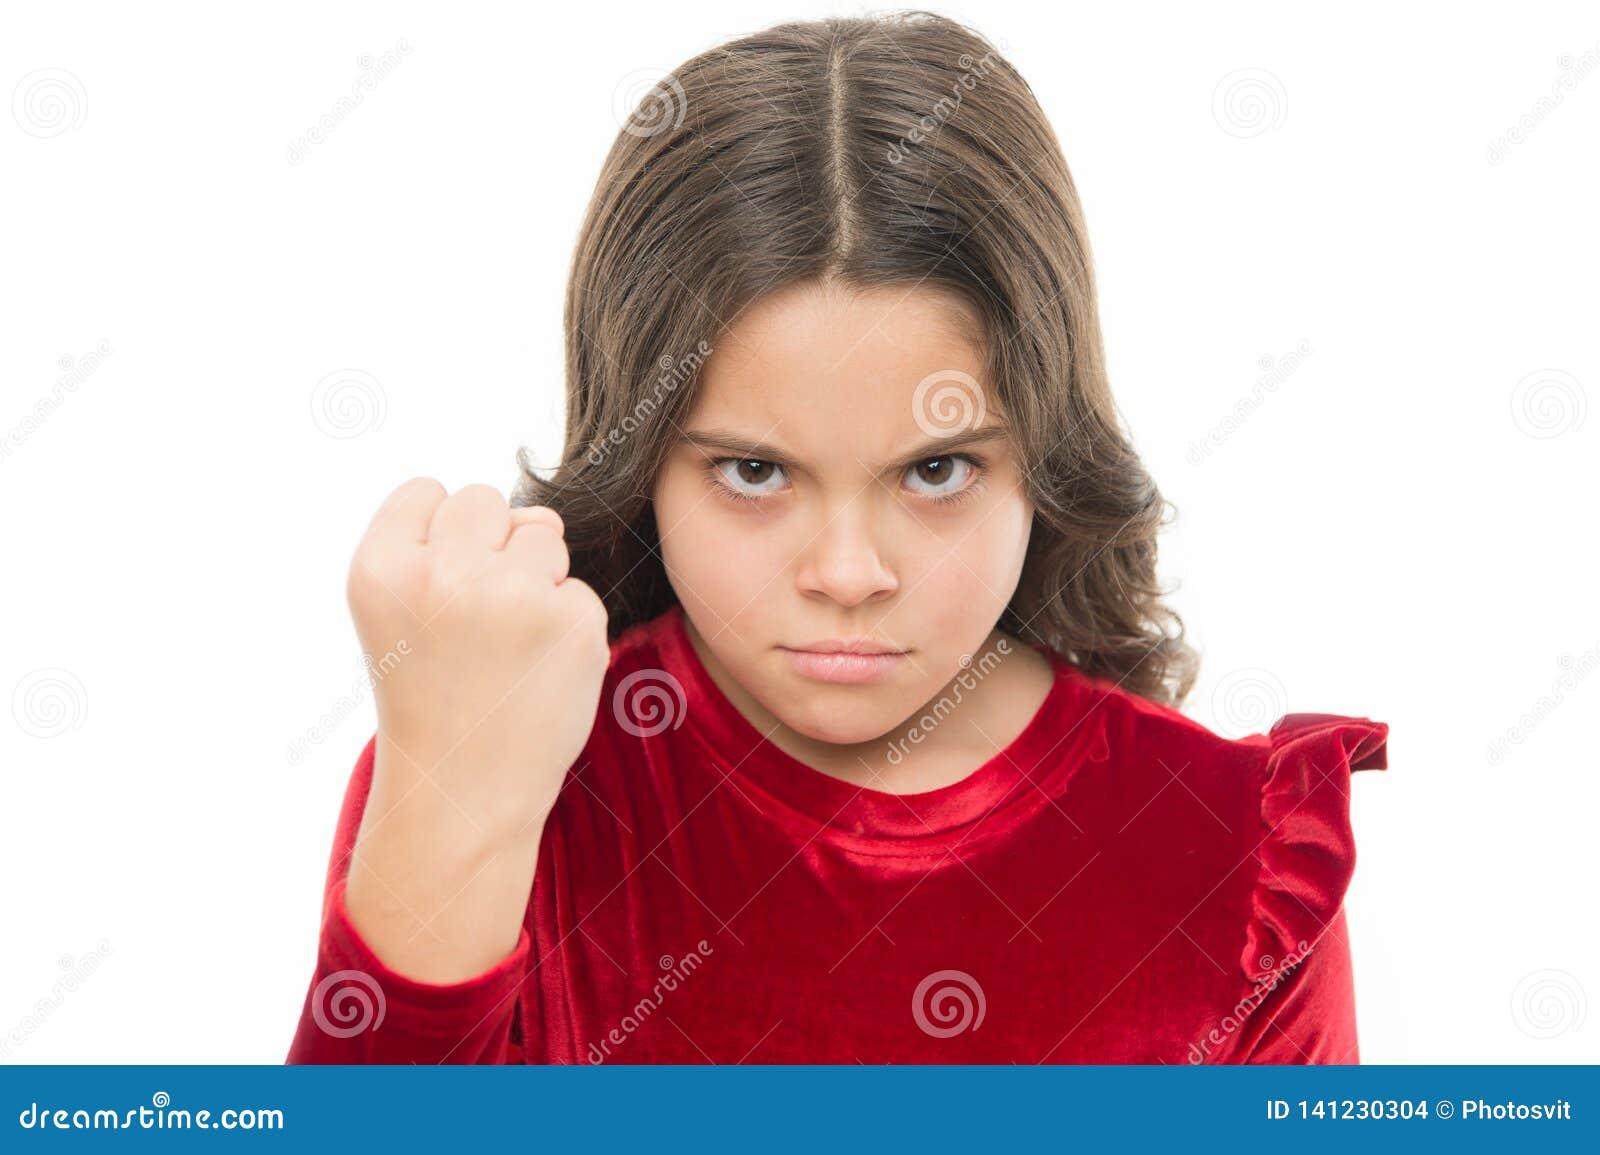 Угрожать с физическим нападением Ягнит концепция агрессии Агрессивная девушка угрожая побить вас опасная девушка вы